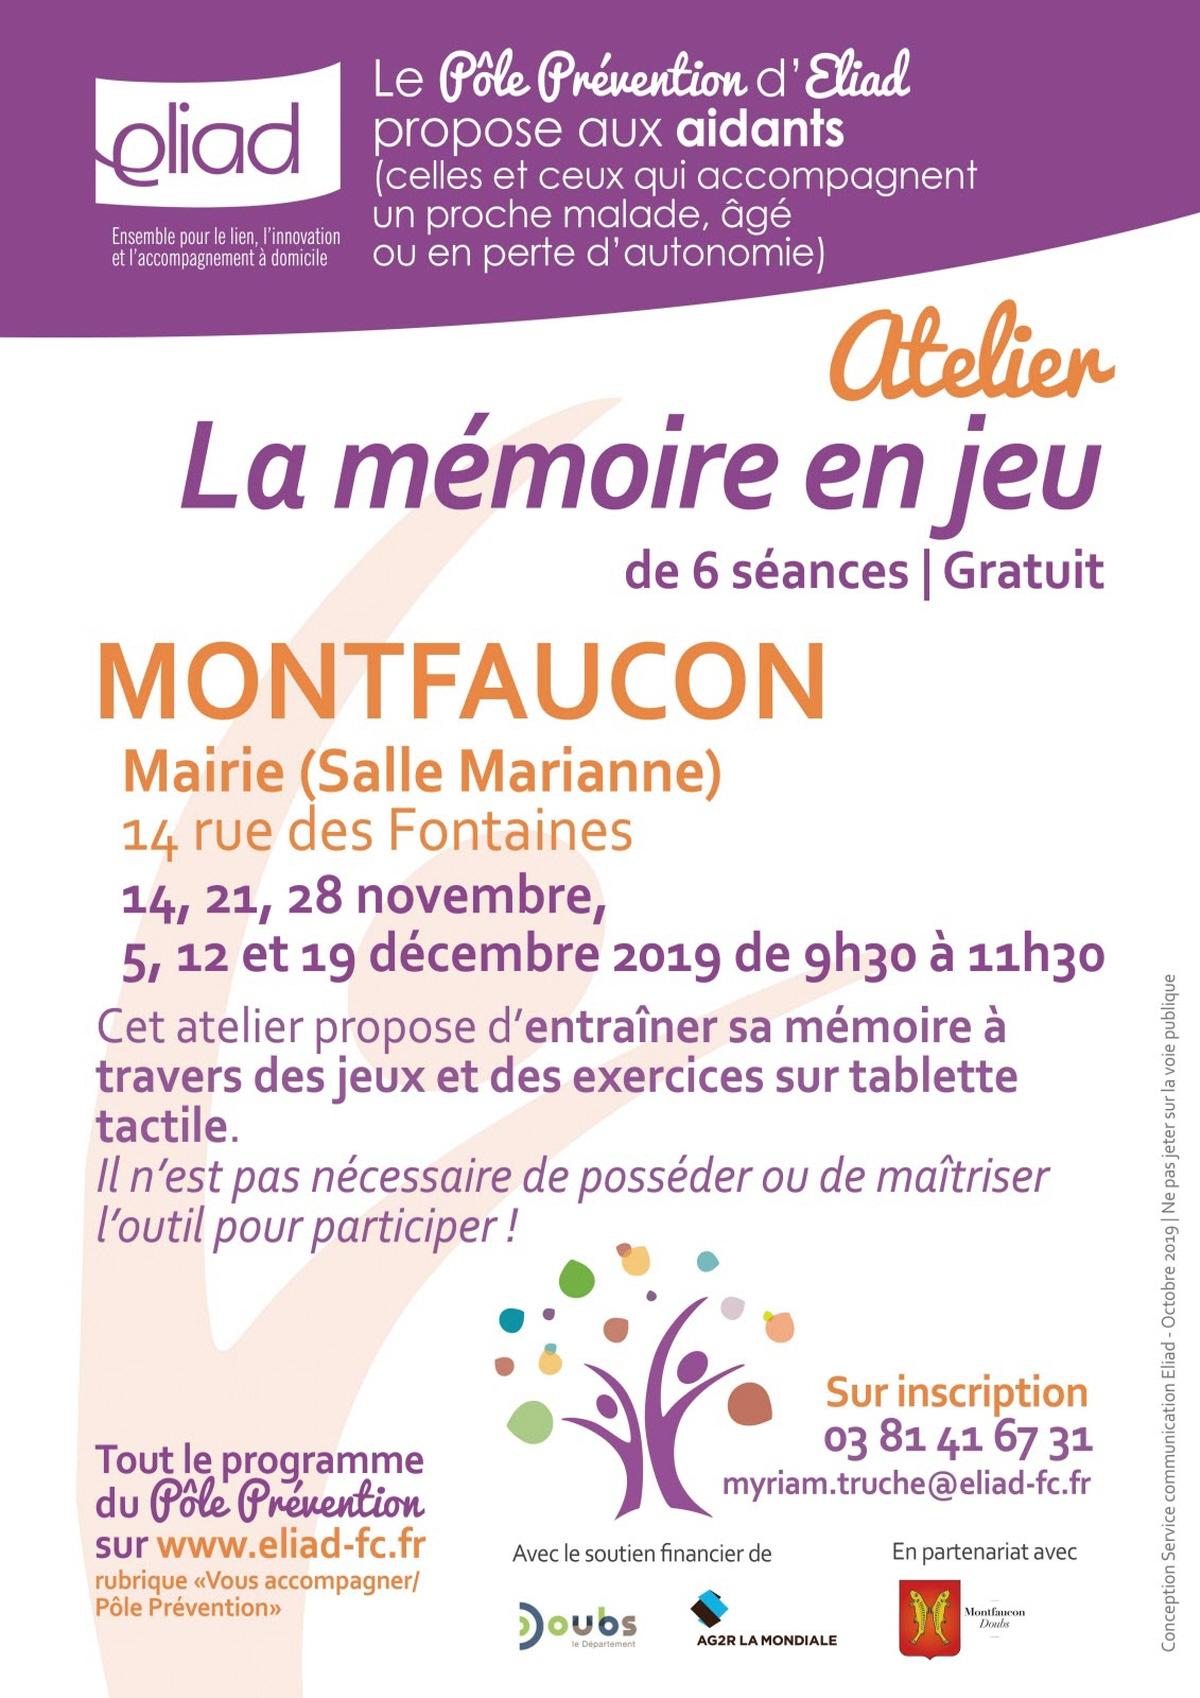 La Memoire En Jeu» : Rencontre, Conference A Montfaucon intérieur Jeux Gratuit De Memoire